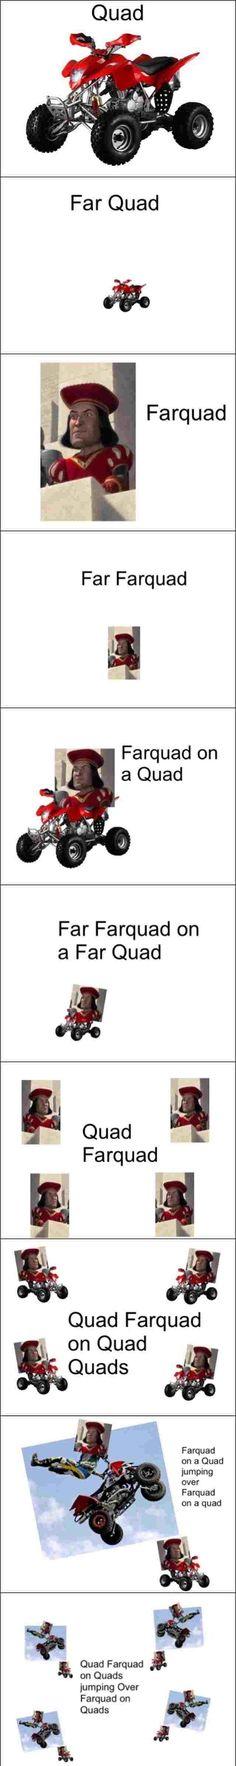 Lord Farquad is an idiot lol